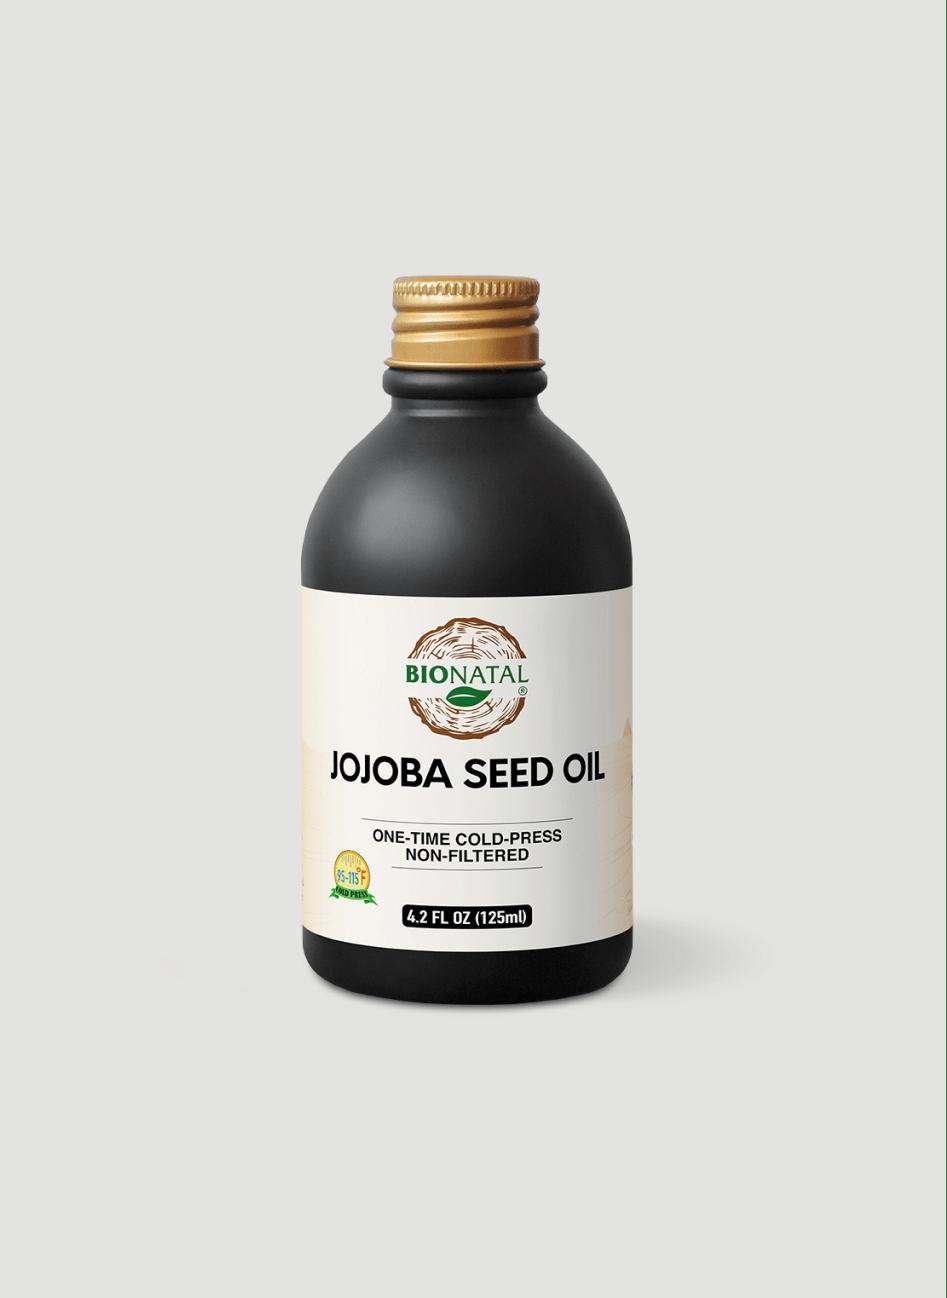 Egyptian desert Jojoba Seed Oil 4.2oz (GLASS)